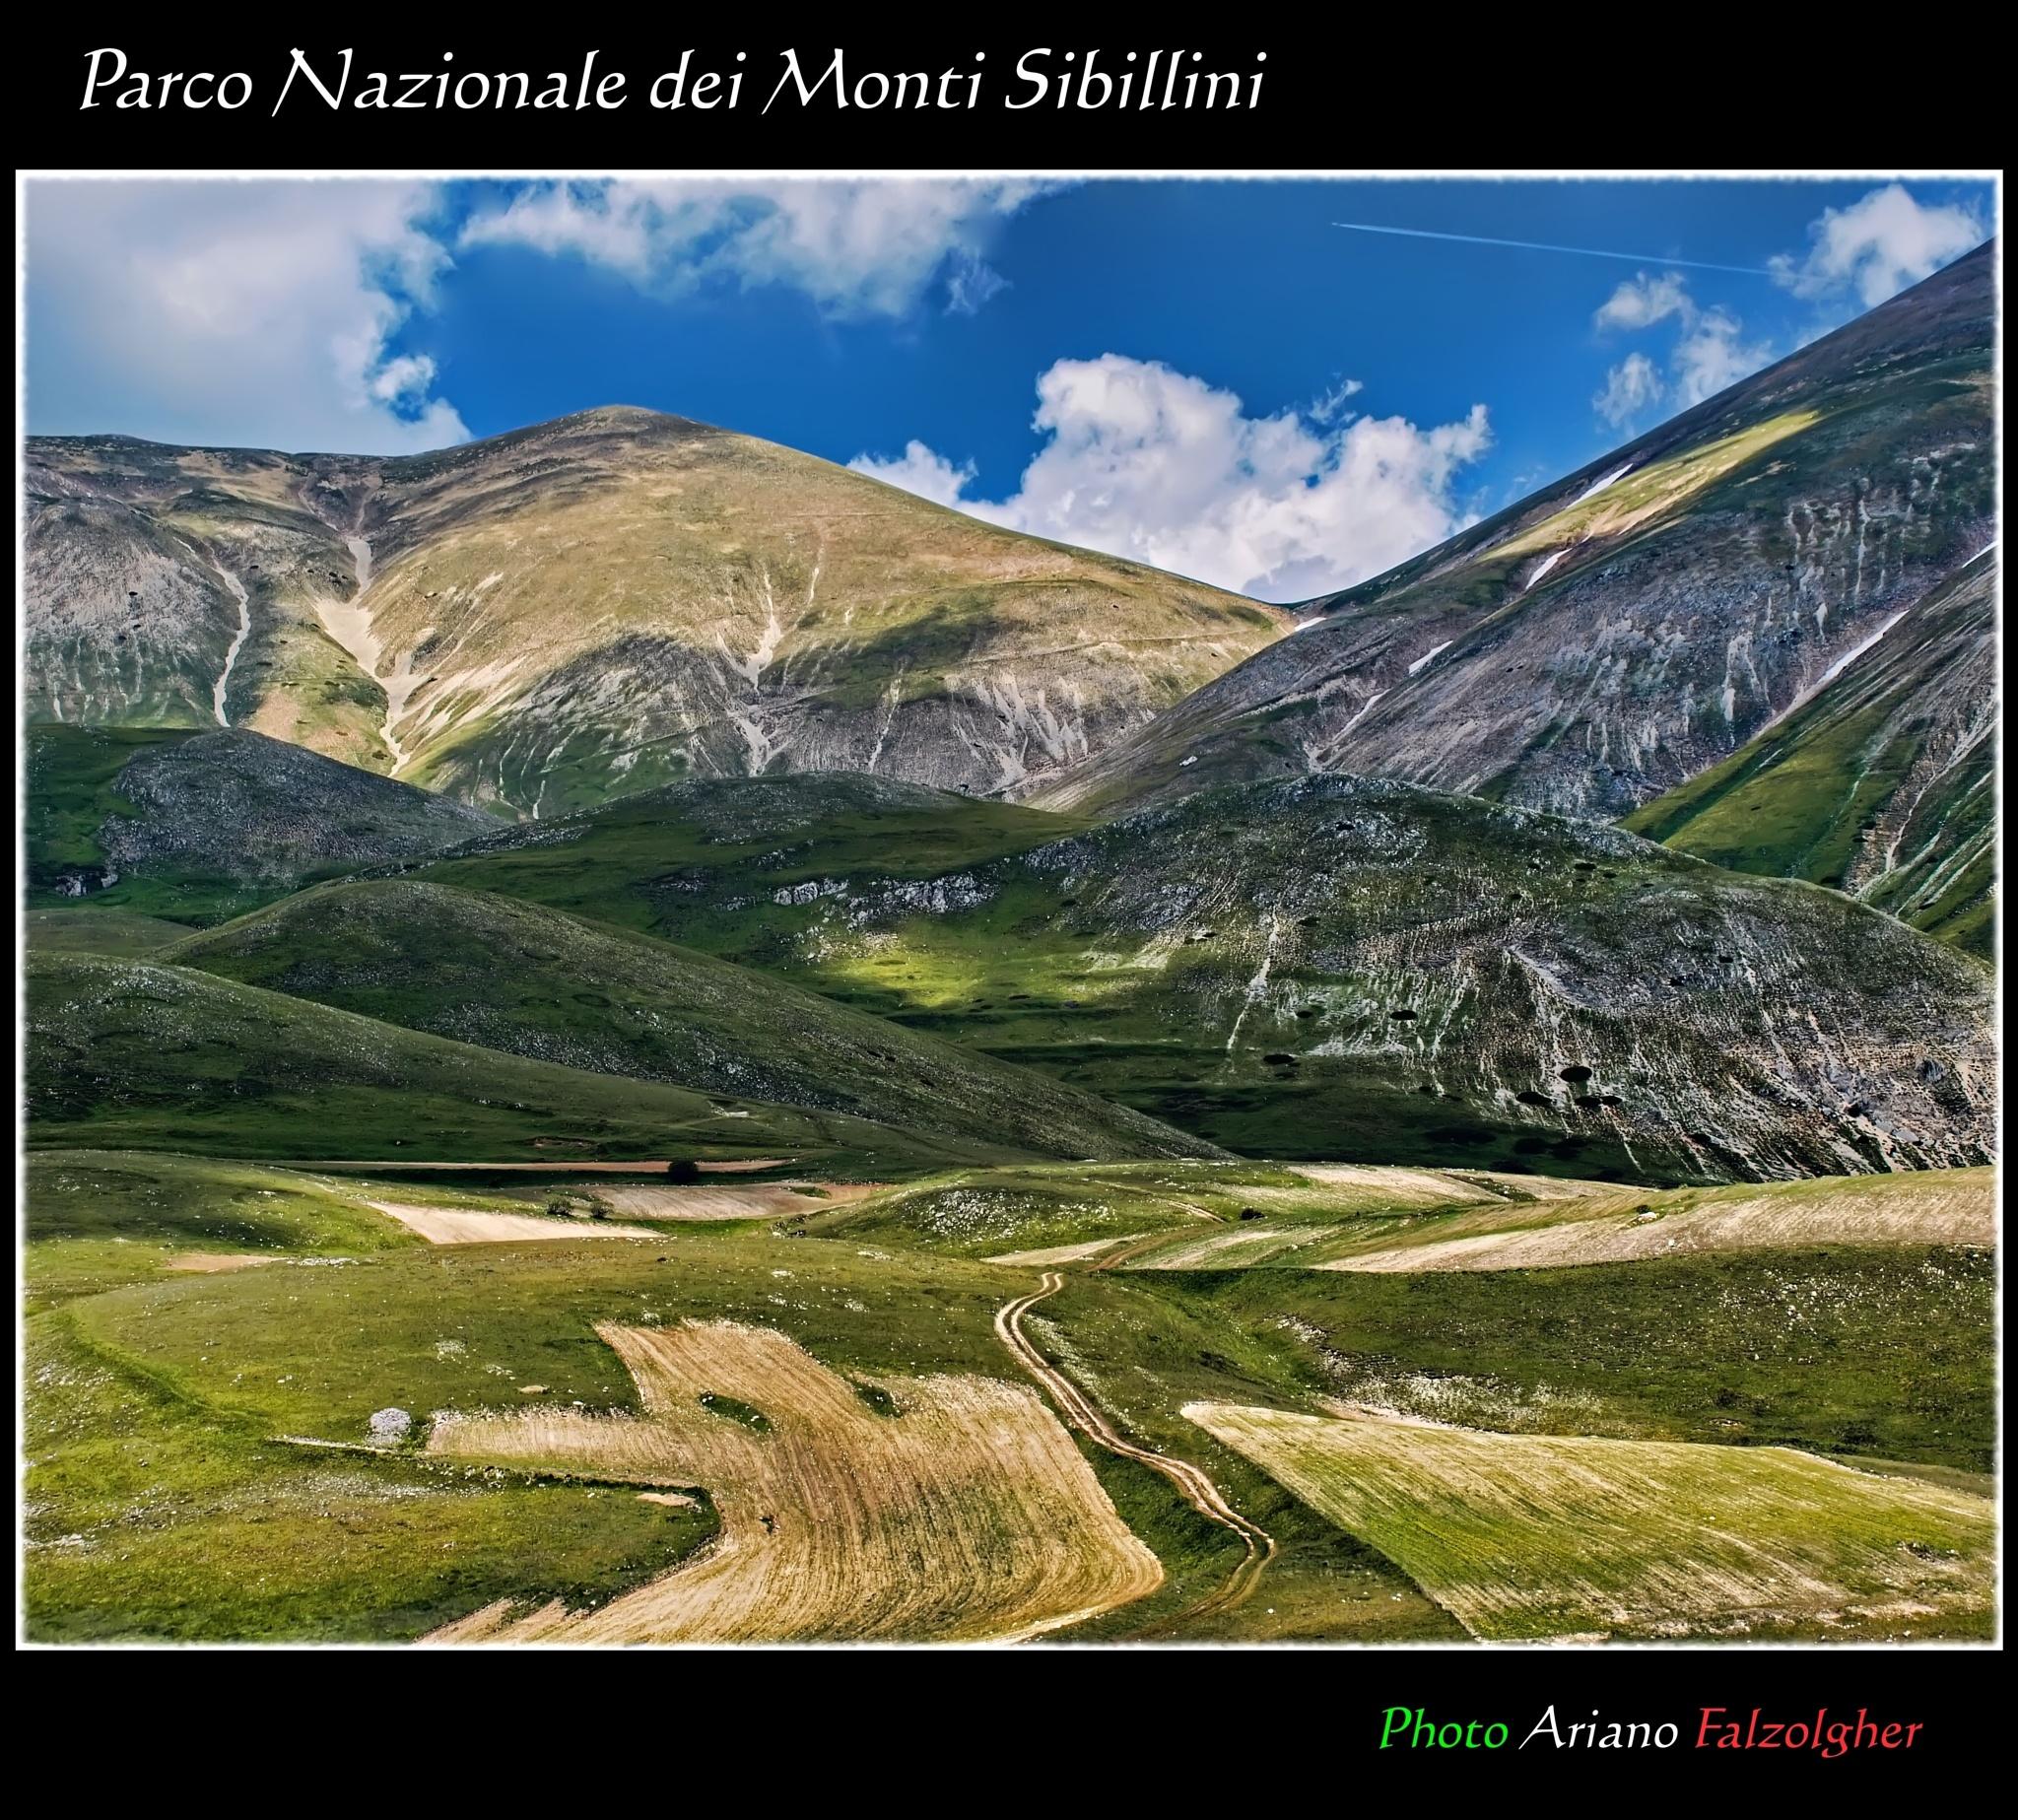 Pian Grande, Parco nazionale dei Monti Sibillini by Ariano Falzolgher